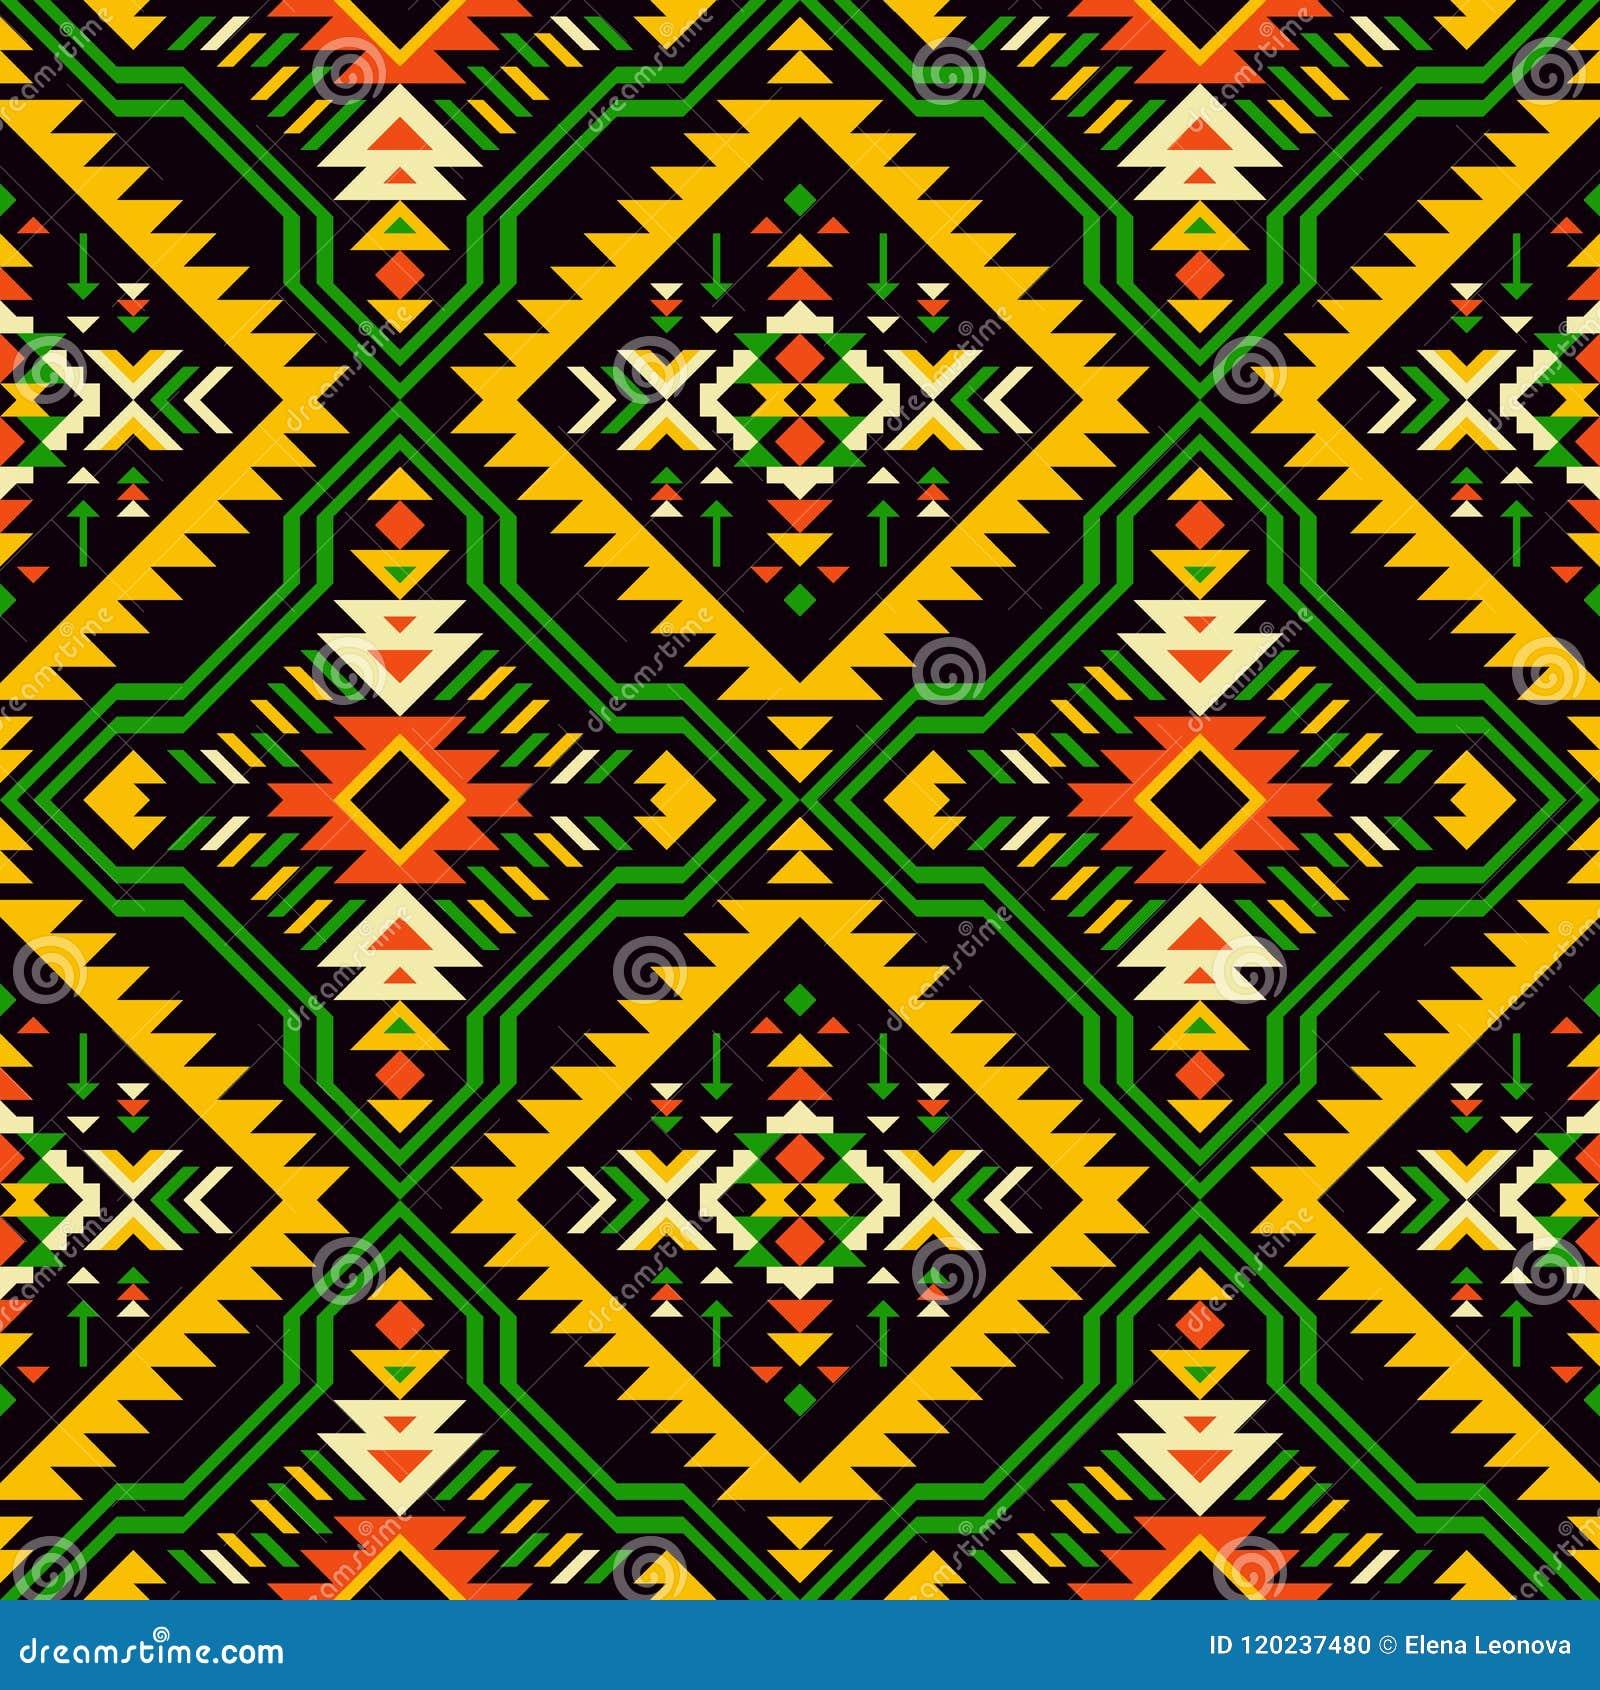 美国本地人,印地安人,阿兹台克人,非洲人,几何无缝的patt